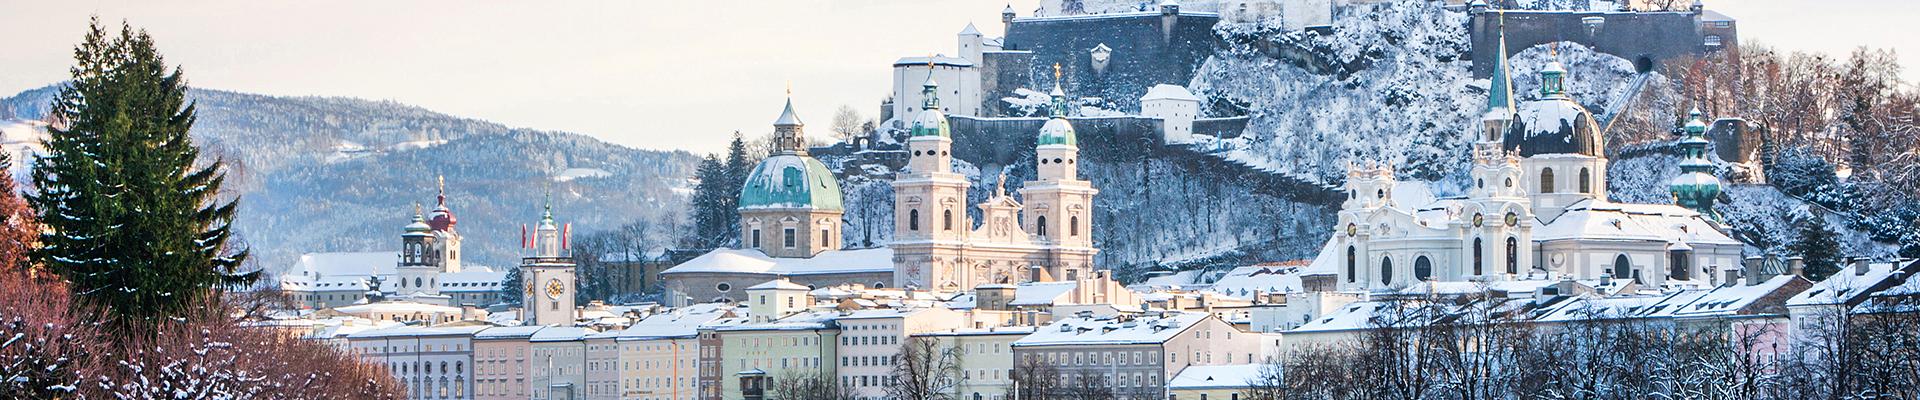 Una indimenticabile vacanza tra paesaggi e tradizioni dell'Austria